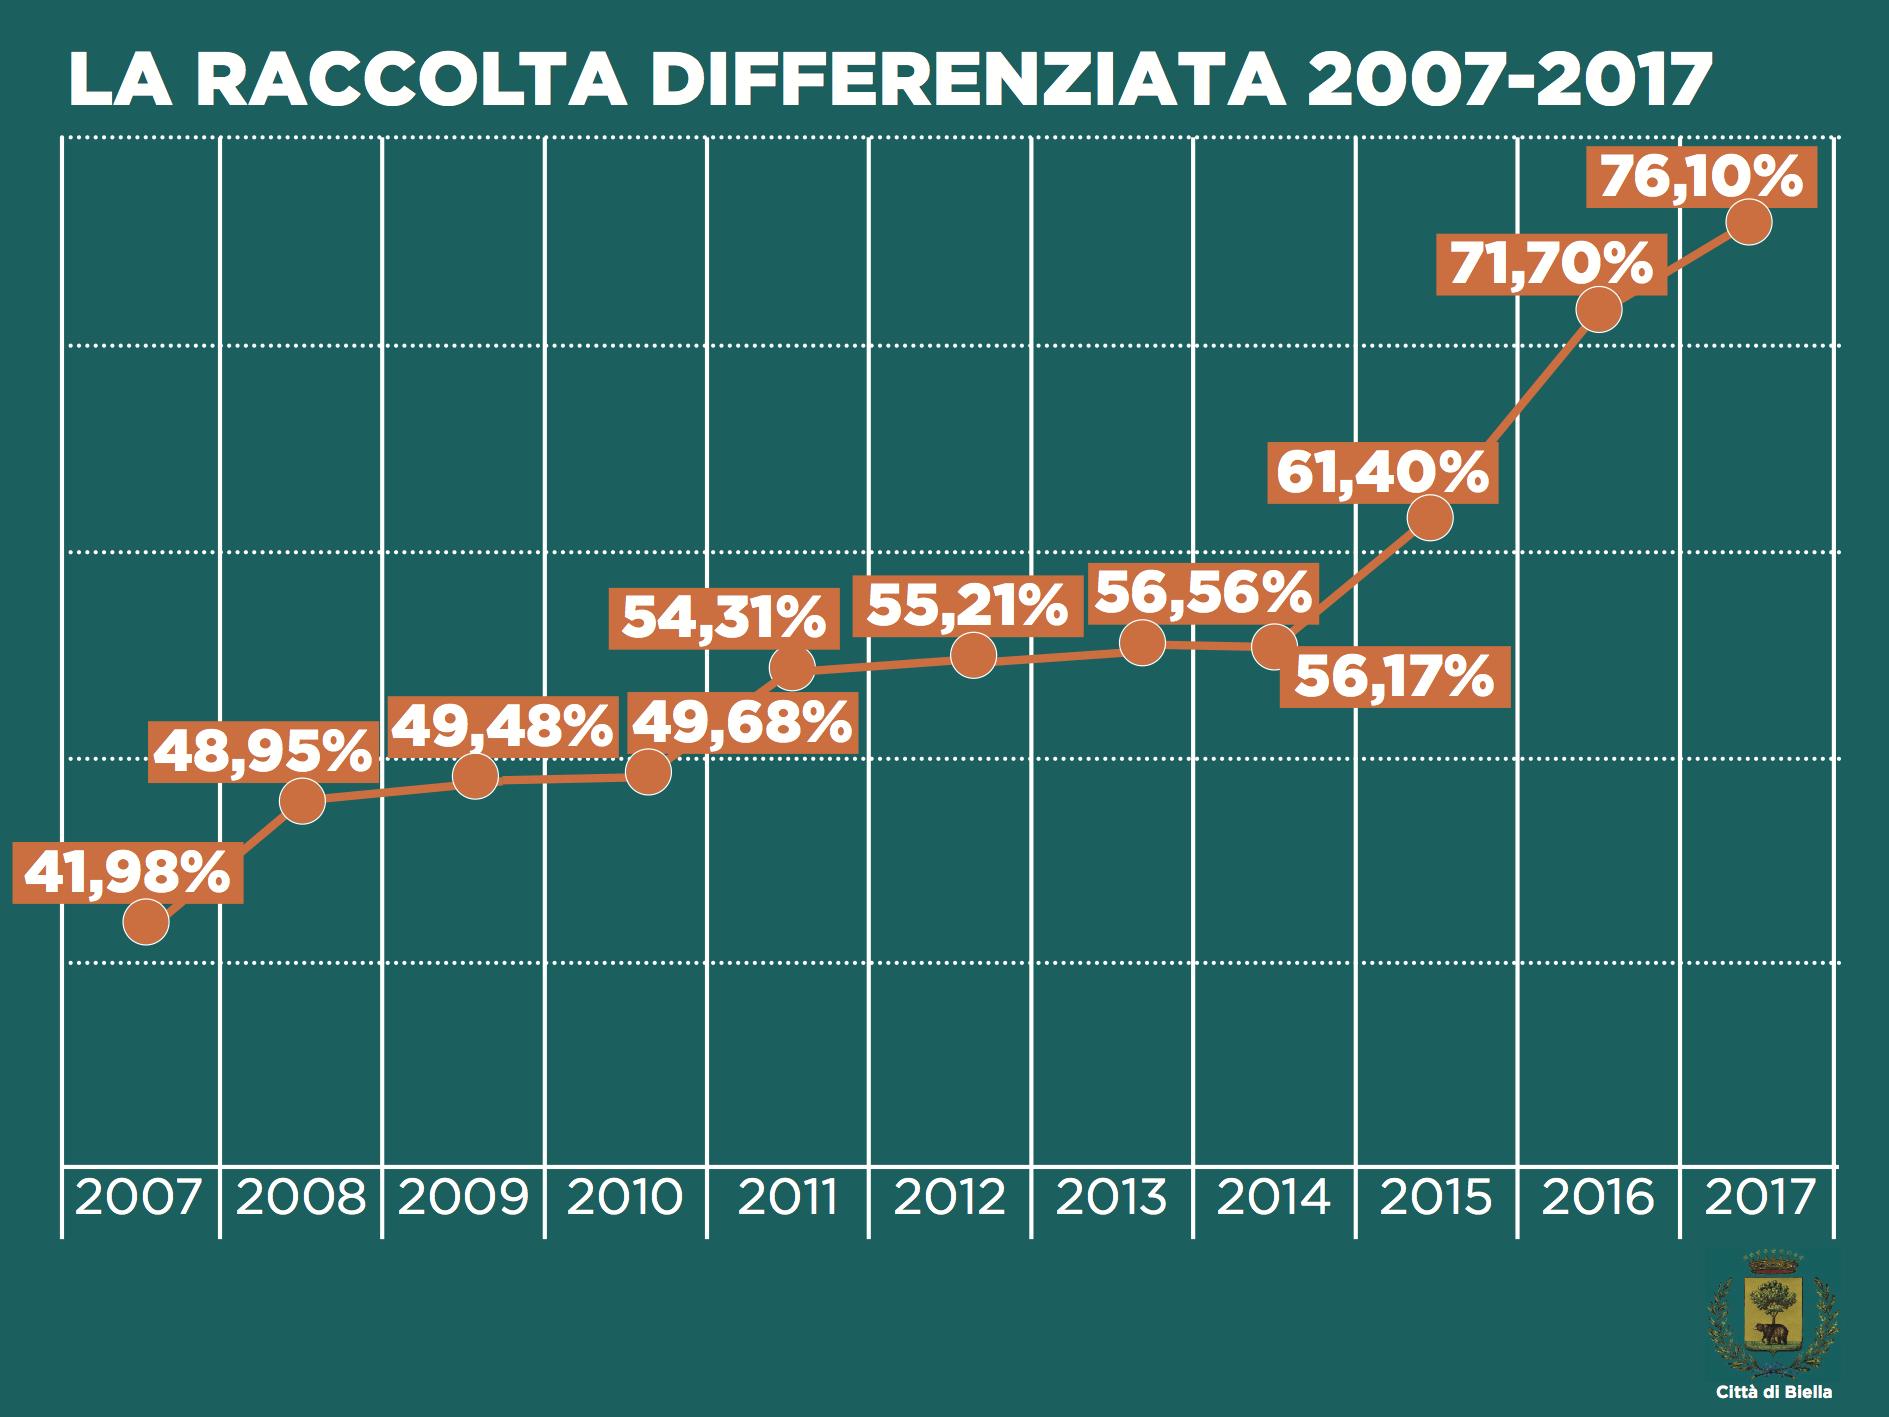 La raccolta differenziata negli ultimi dieci anni